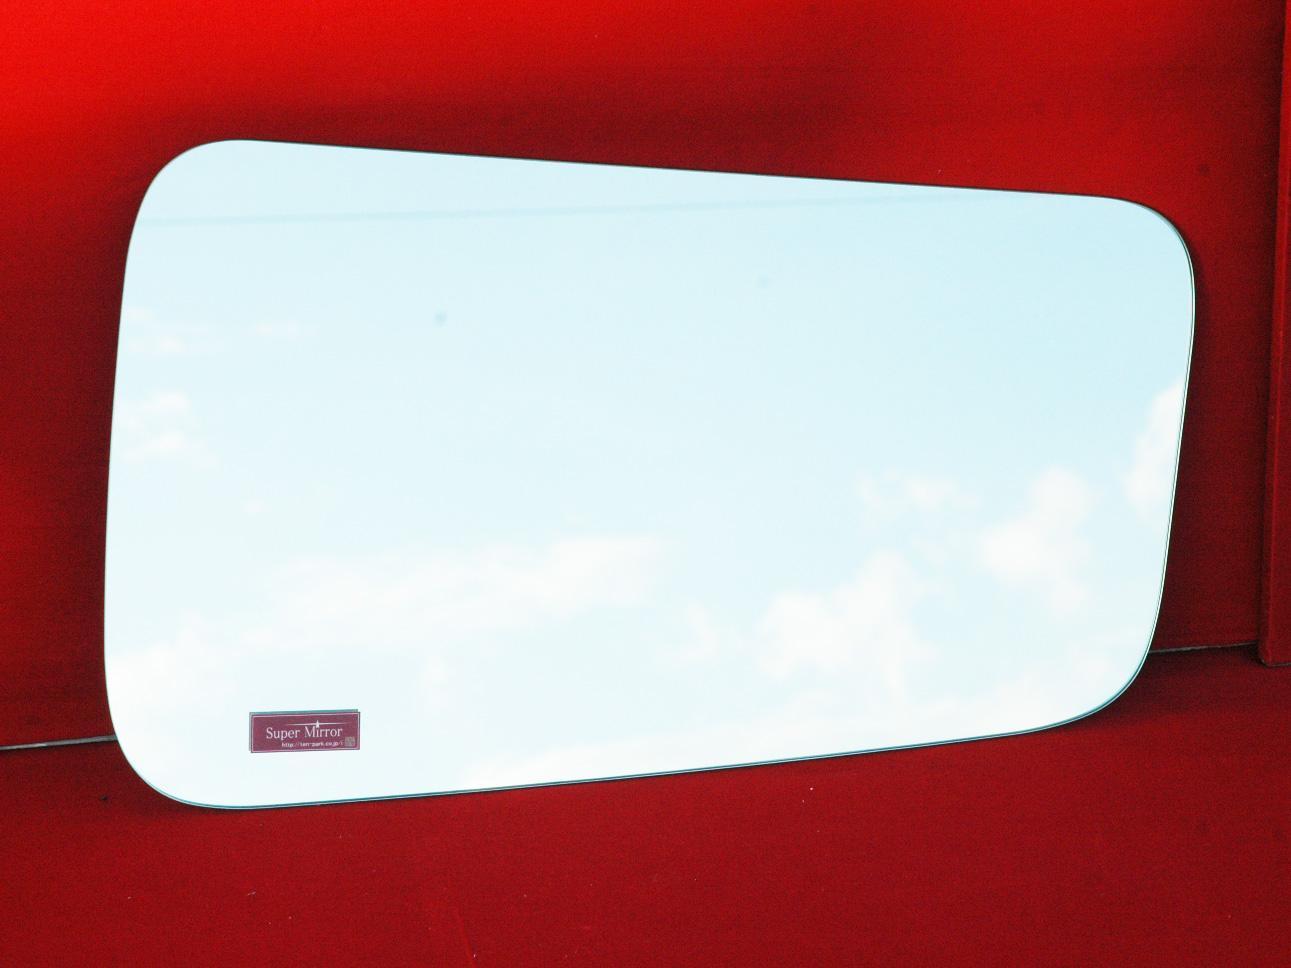 イスズギガ スーパーミラー安全窓の画像